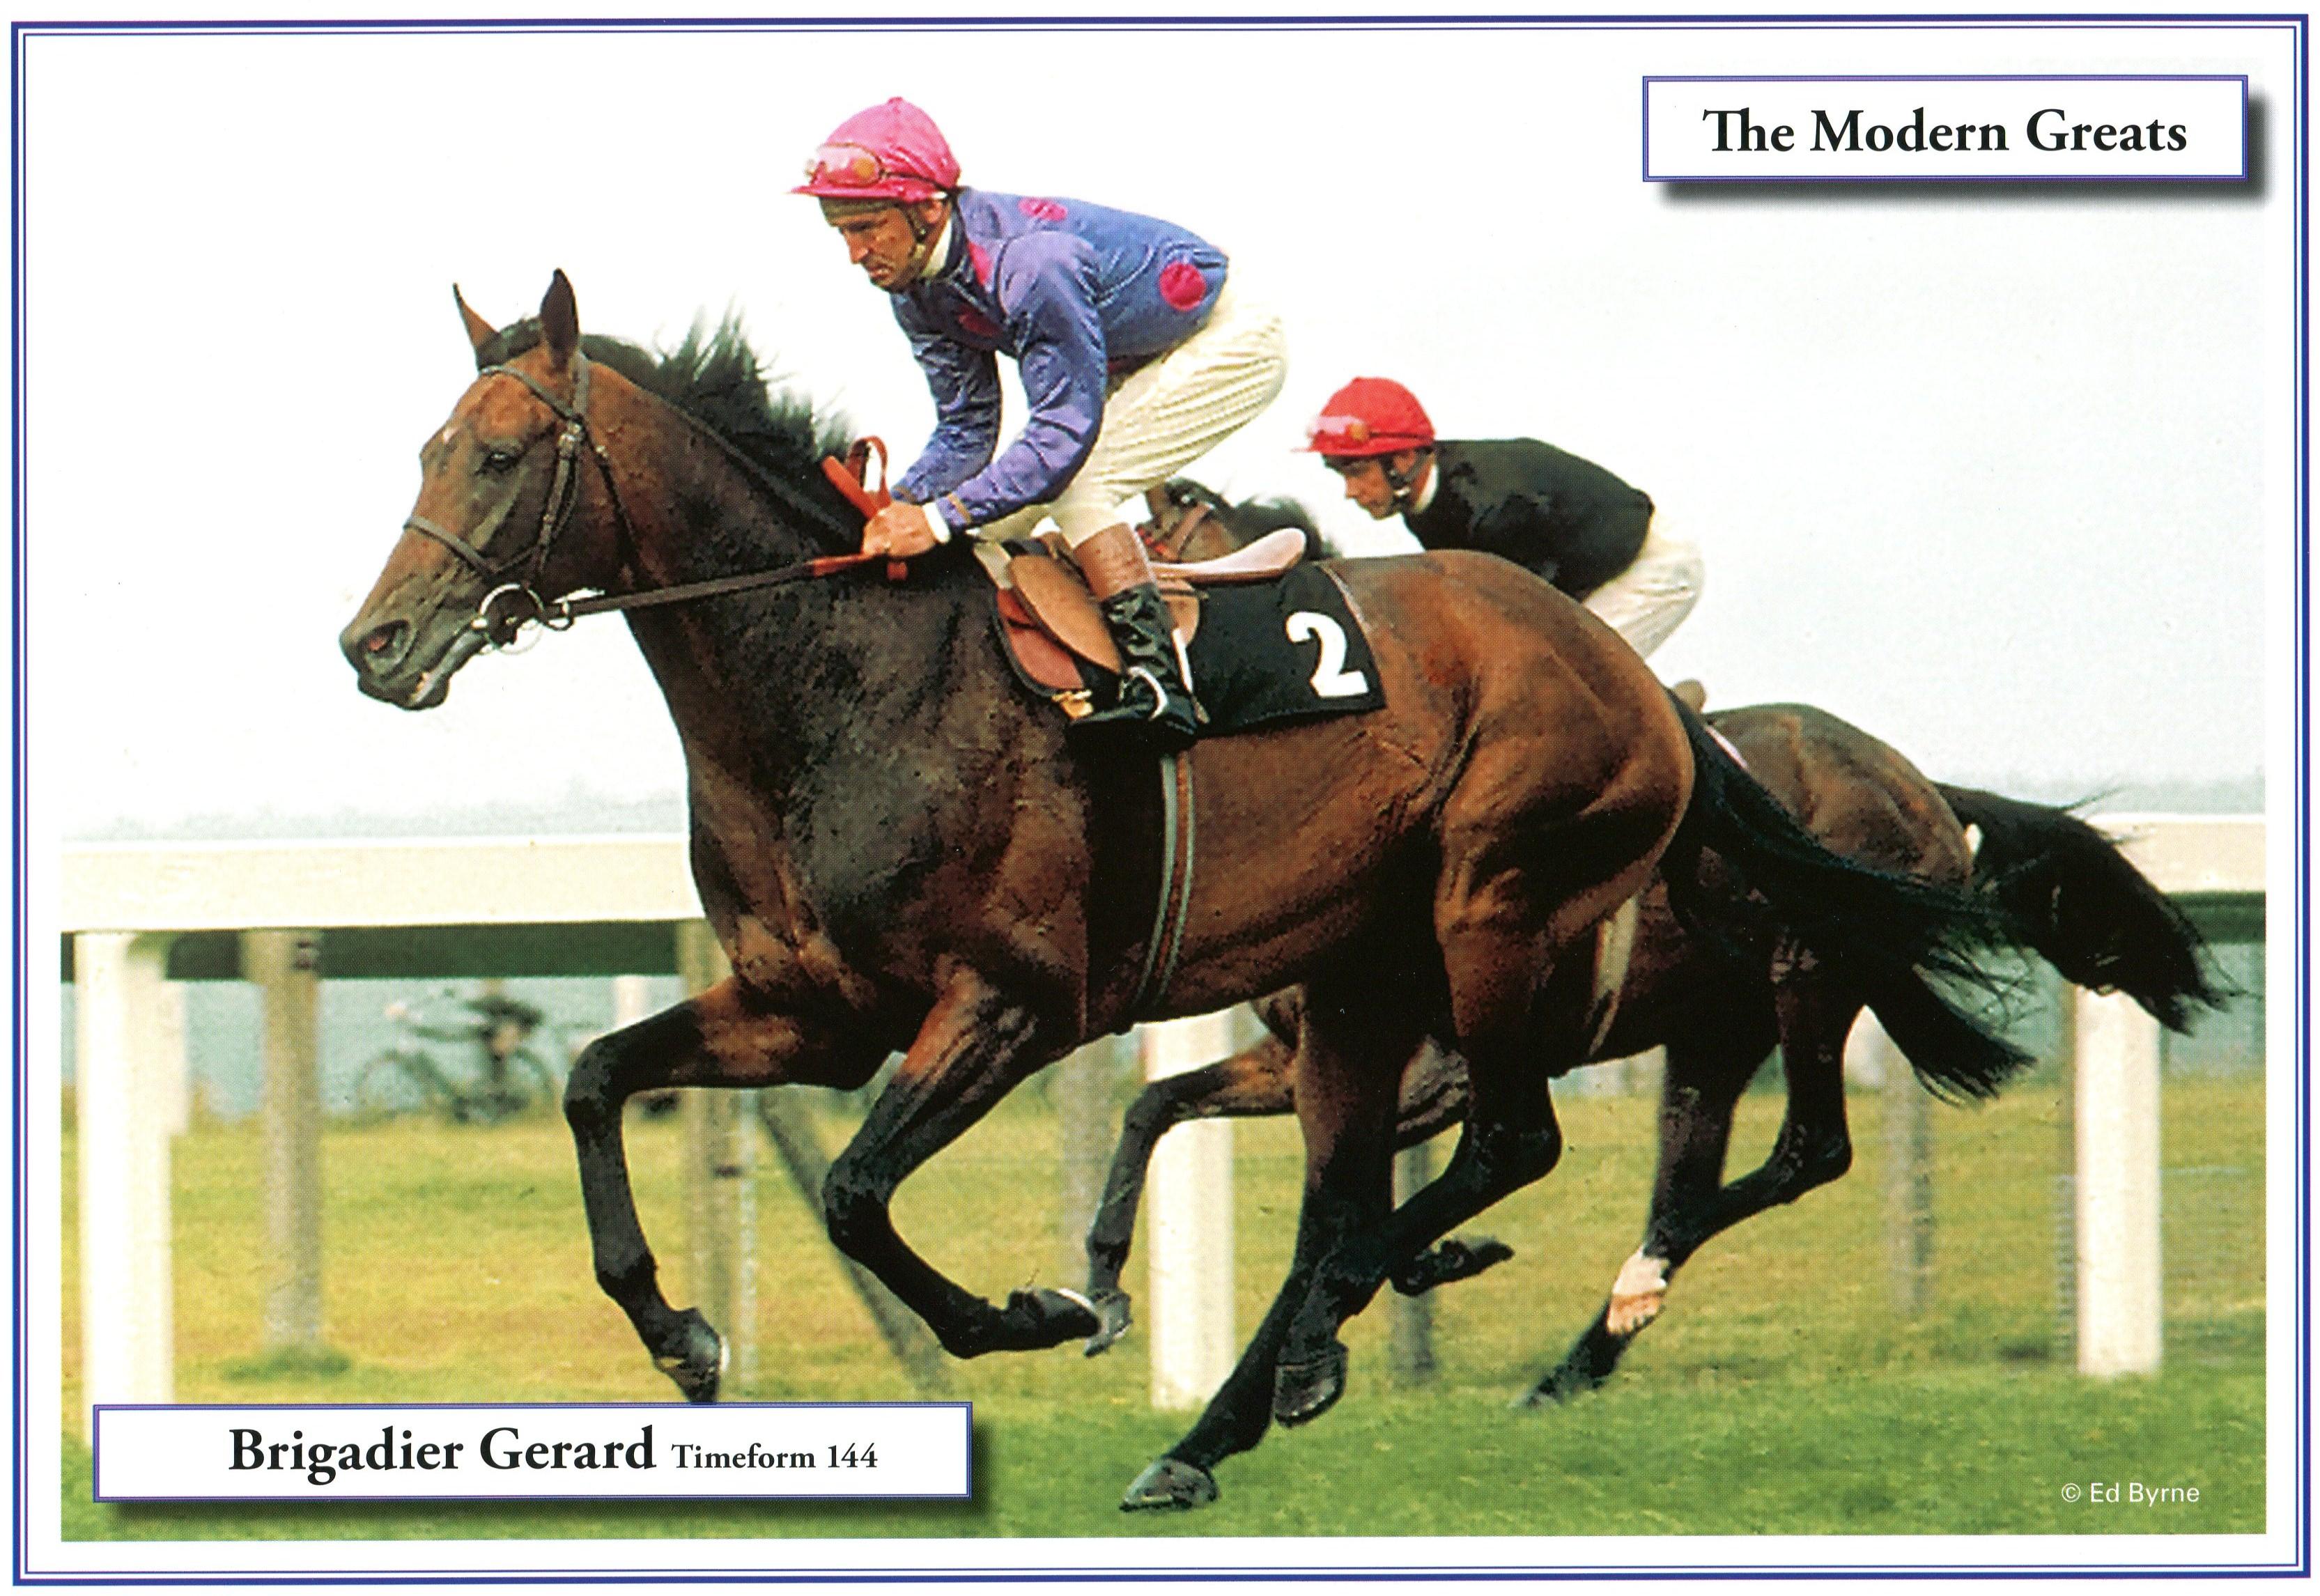 Brigadier Gerard